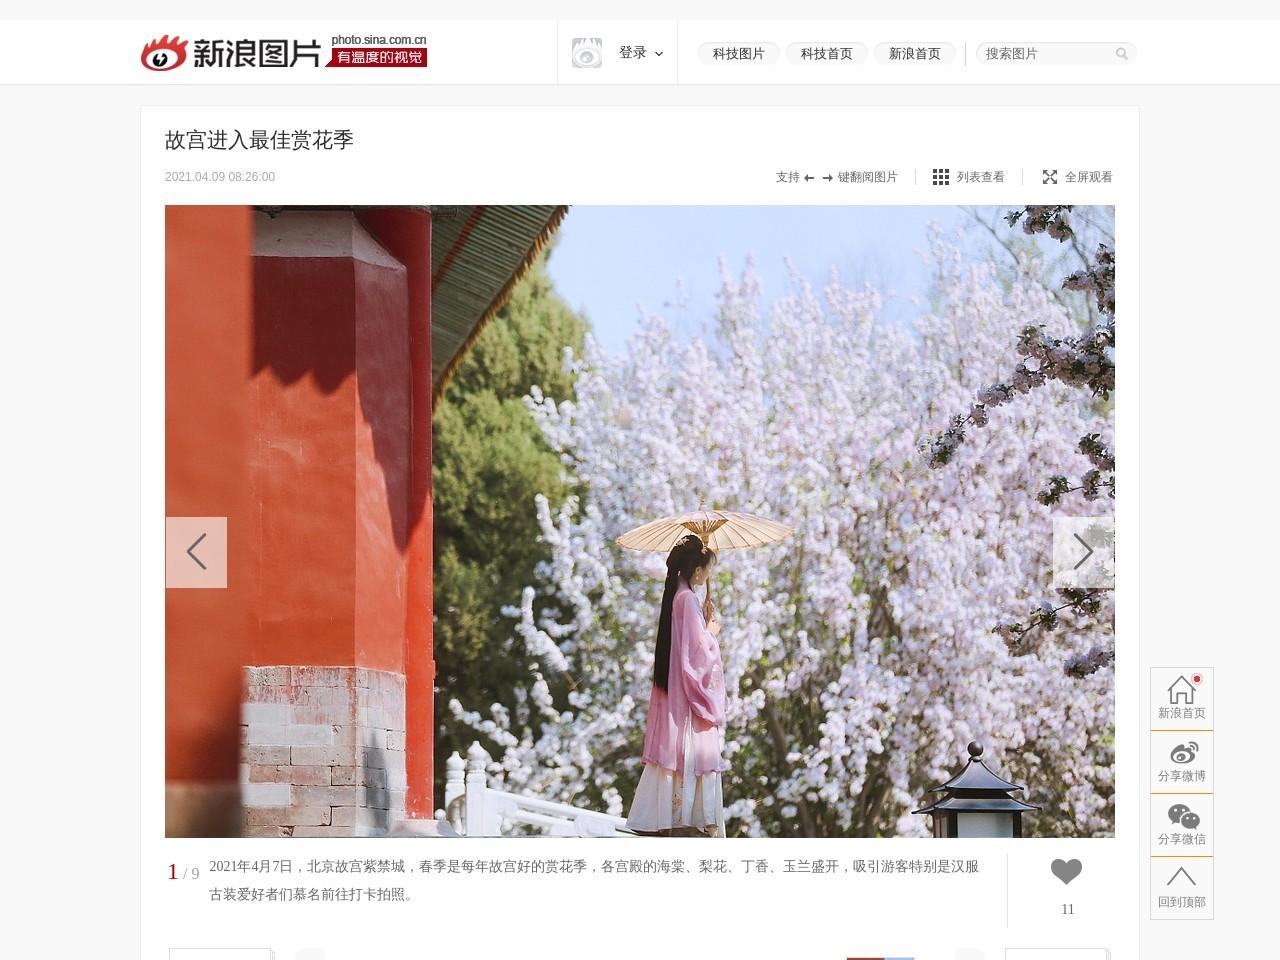 故宫进入最佳赏花季_高清图集_新浪网